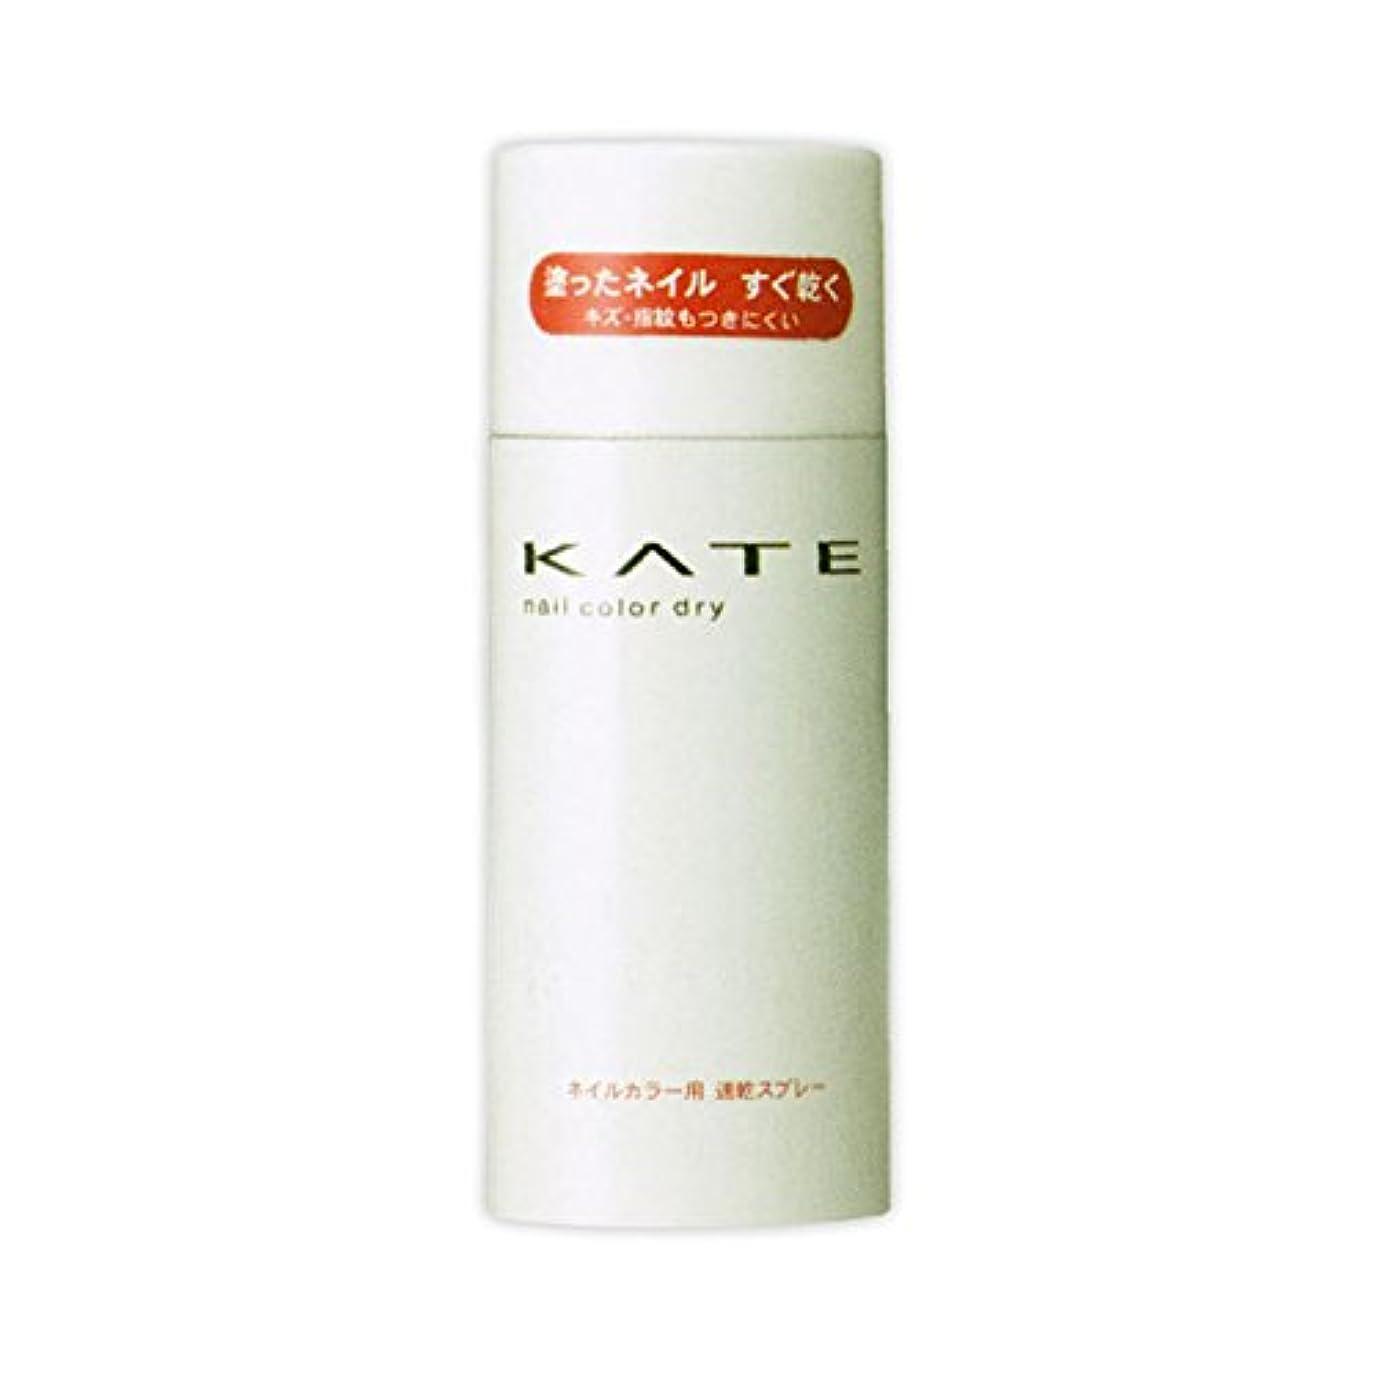 人工がっかりした支払うカネボウ ケイト KATE ネイルカラードライ S 90g